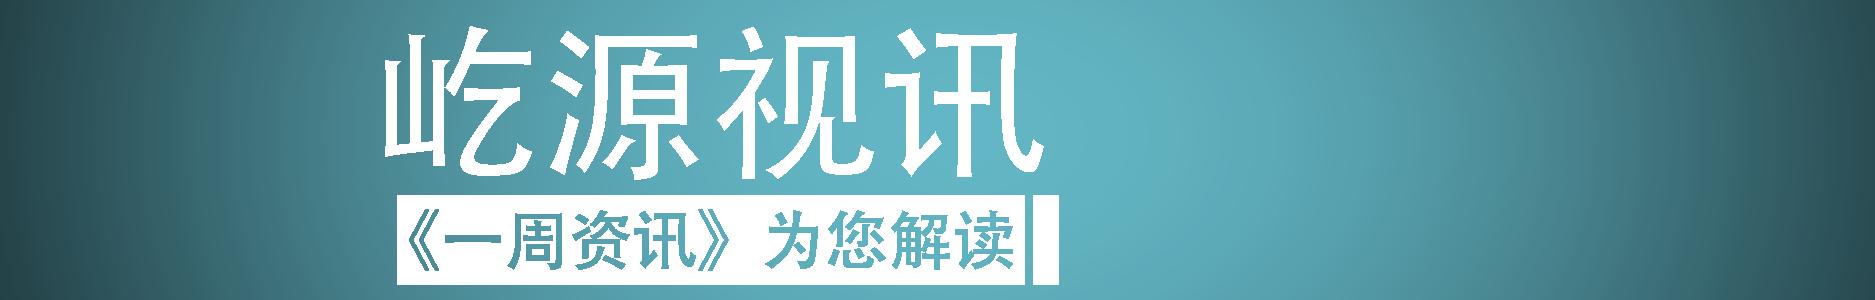 壹周资讯 banner